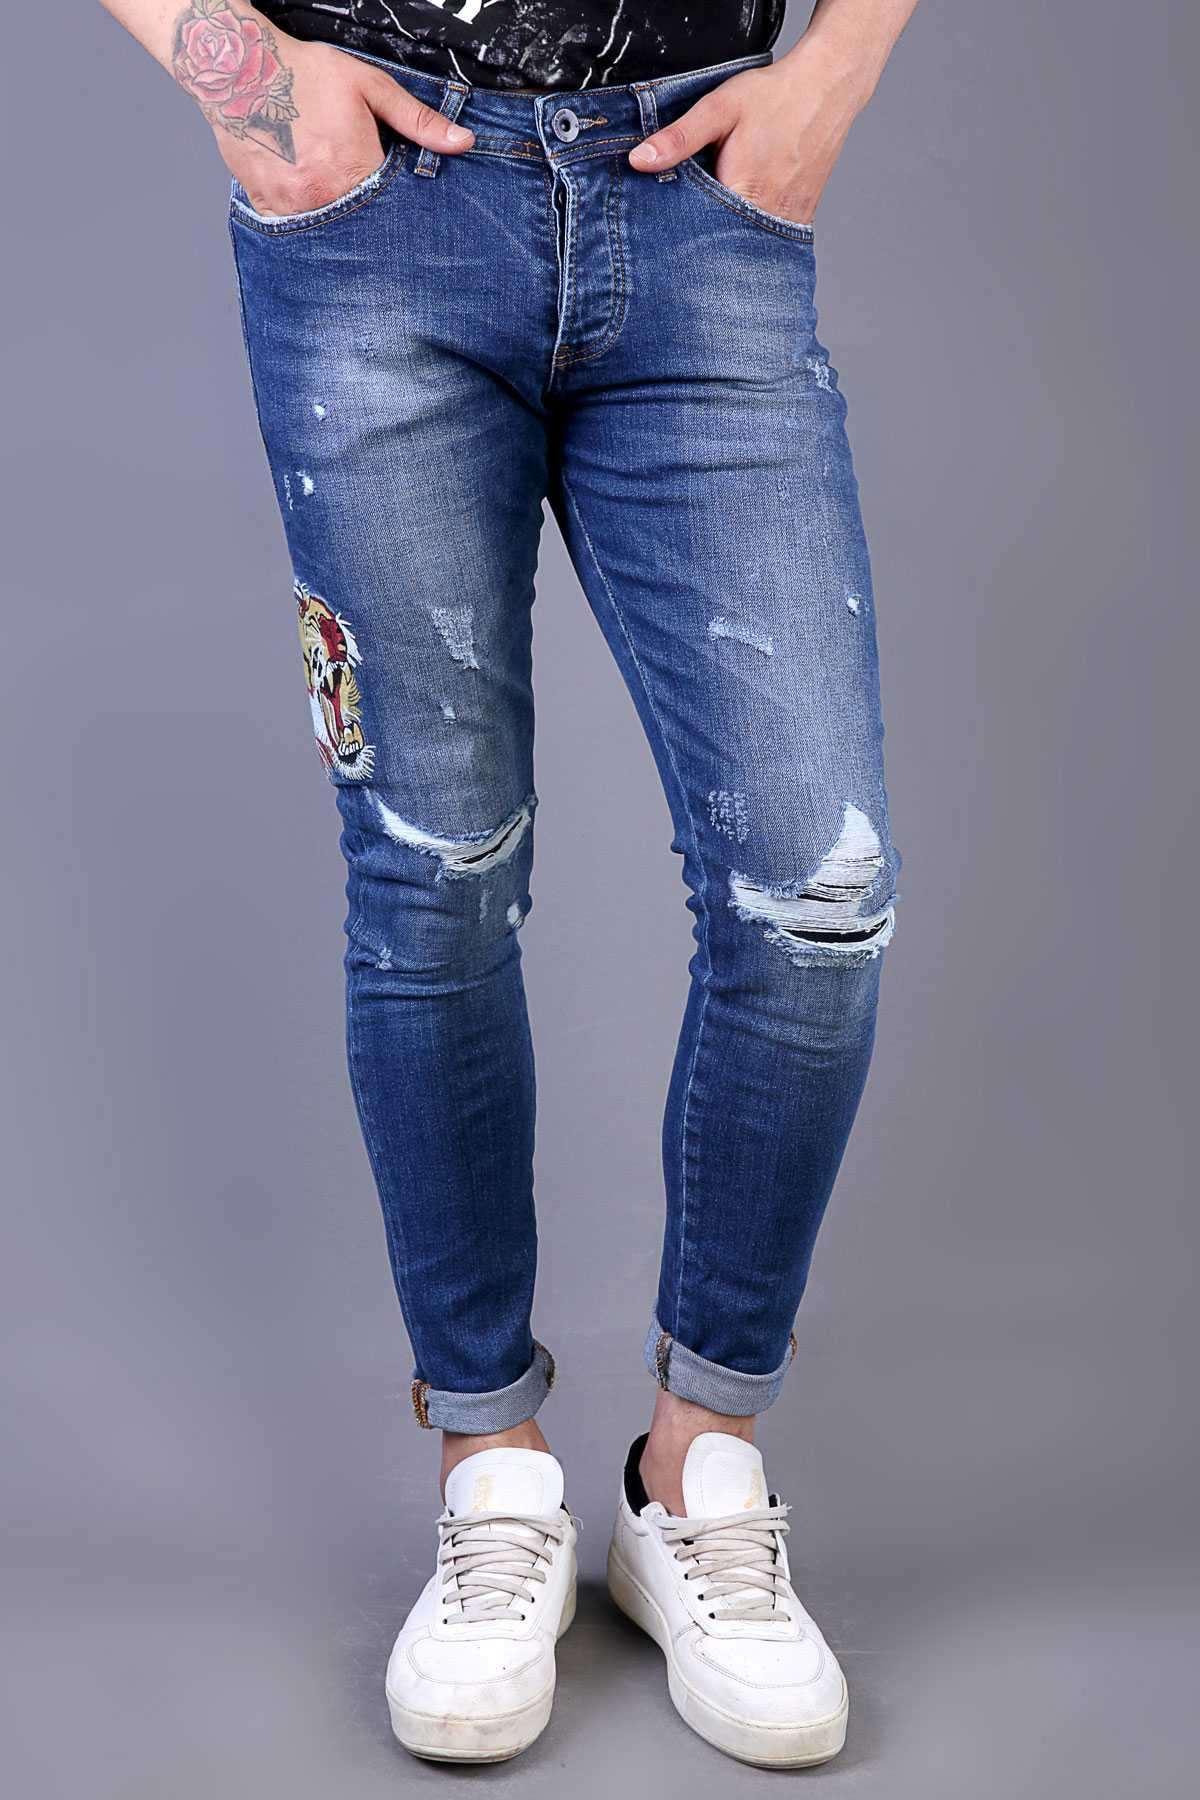 Yanı Kaplan İşlemeli Dizleri Yırtık Slim Fit Kot Pantolon Koyu-Mavi